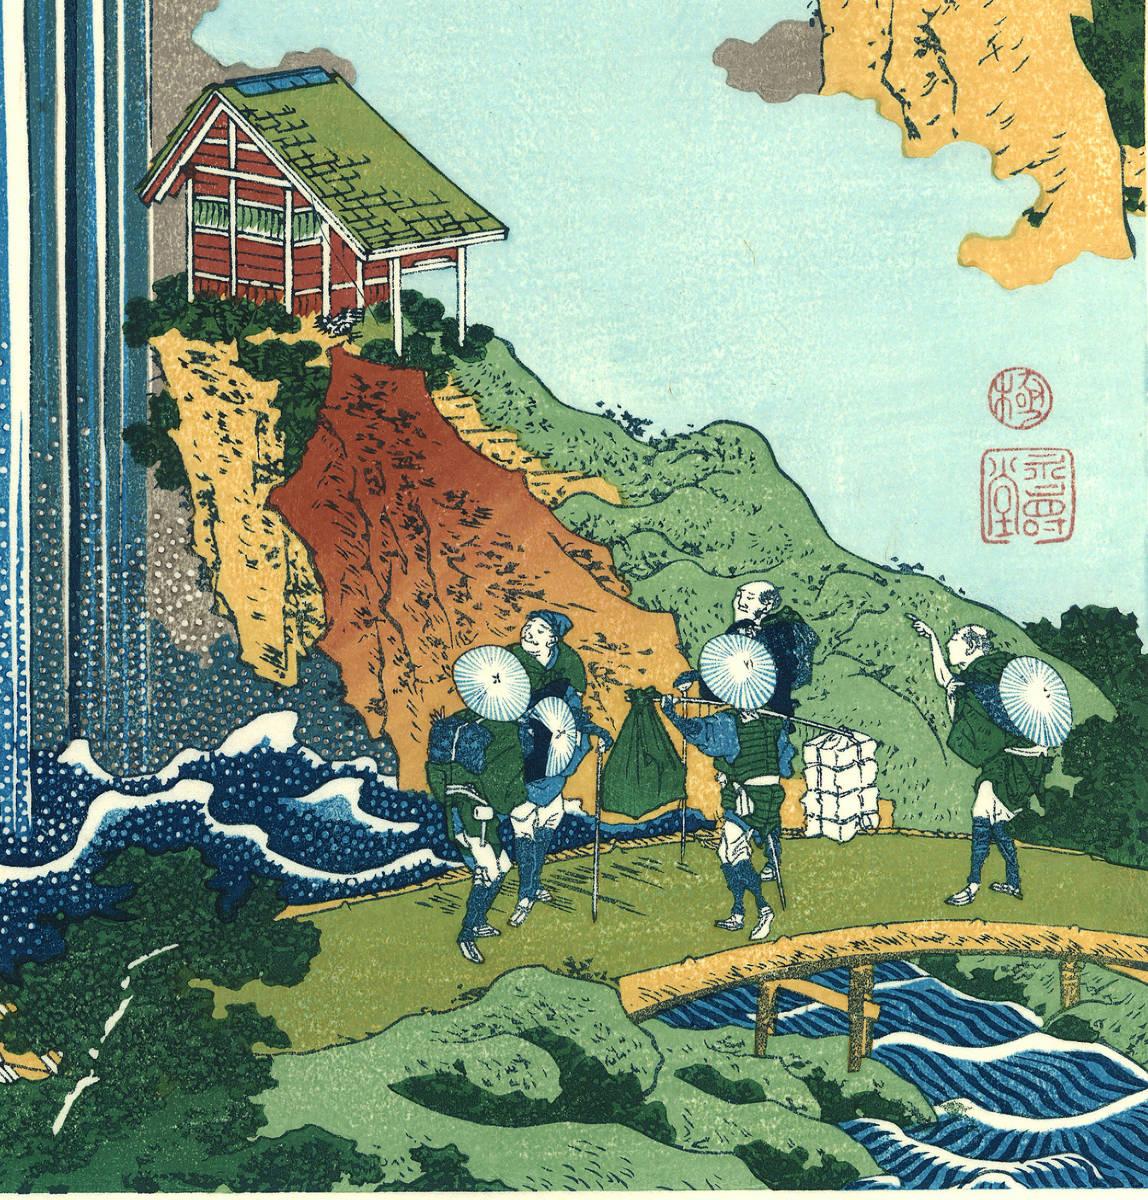 葛飾北斎 (Katsushika Hokusai) 木版画 組合版 諸国瀧廻り 木曽海道小野ノ瀑布  初版1833年(天保4年)頃  一流の職人技を是非!!_画像10